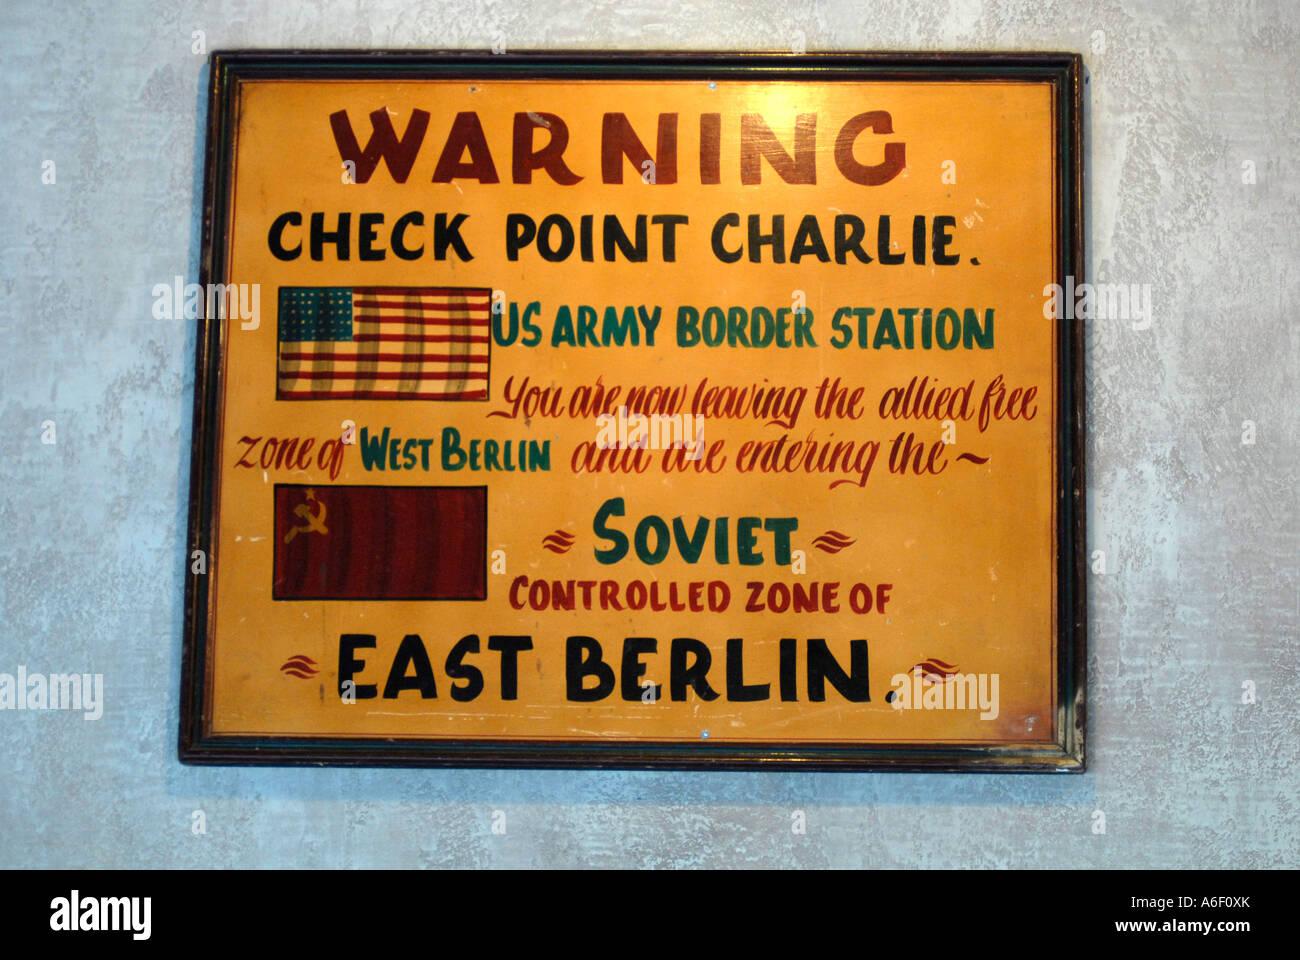 Checkpoint Charlie signe de la guerre froide de Berlin Photo Stock